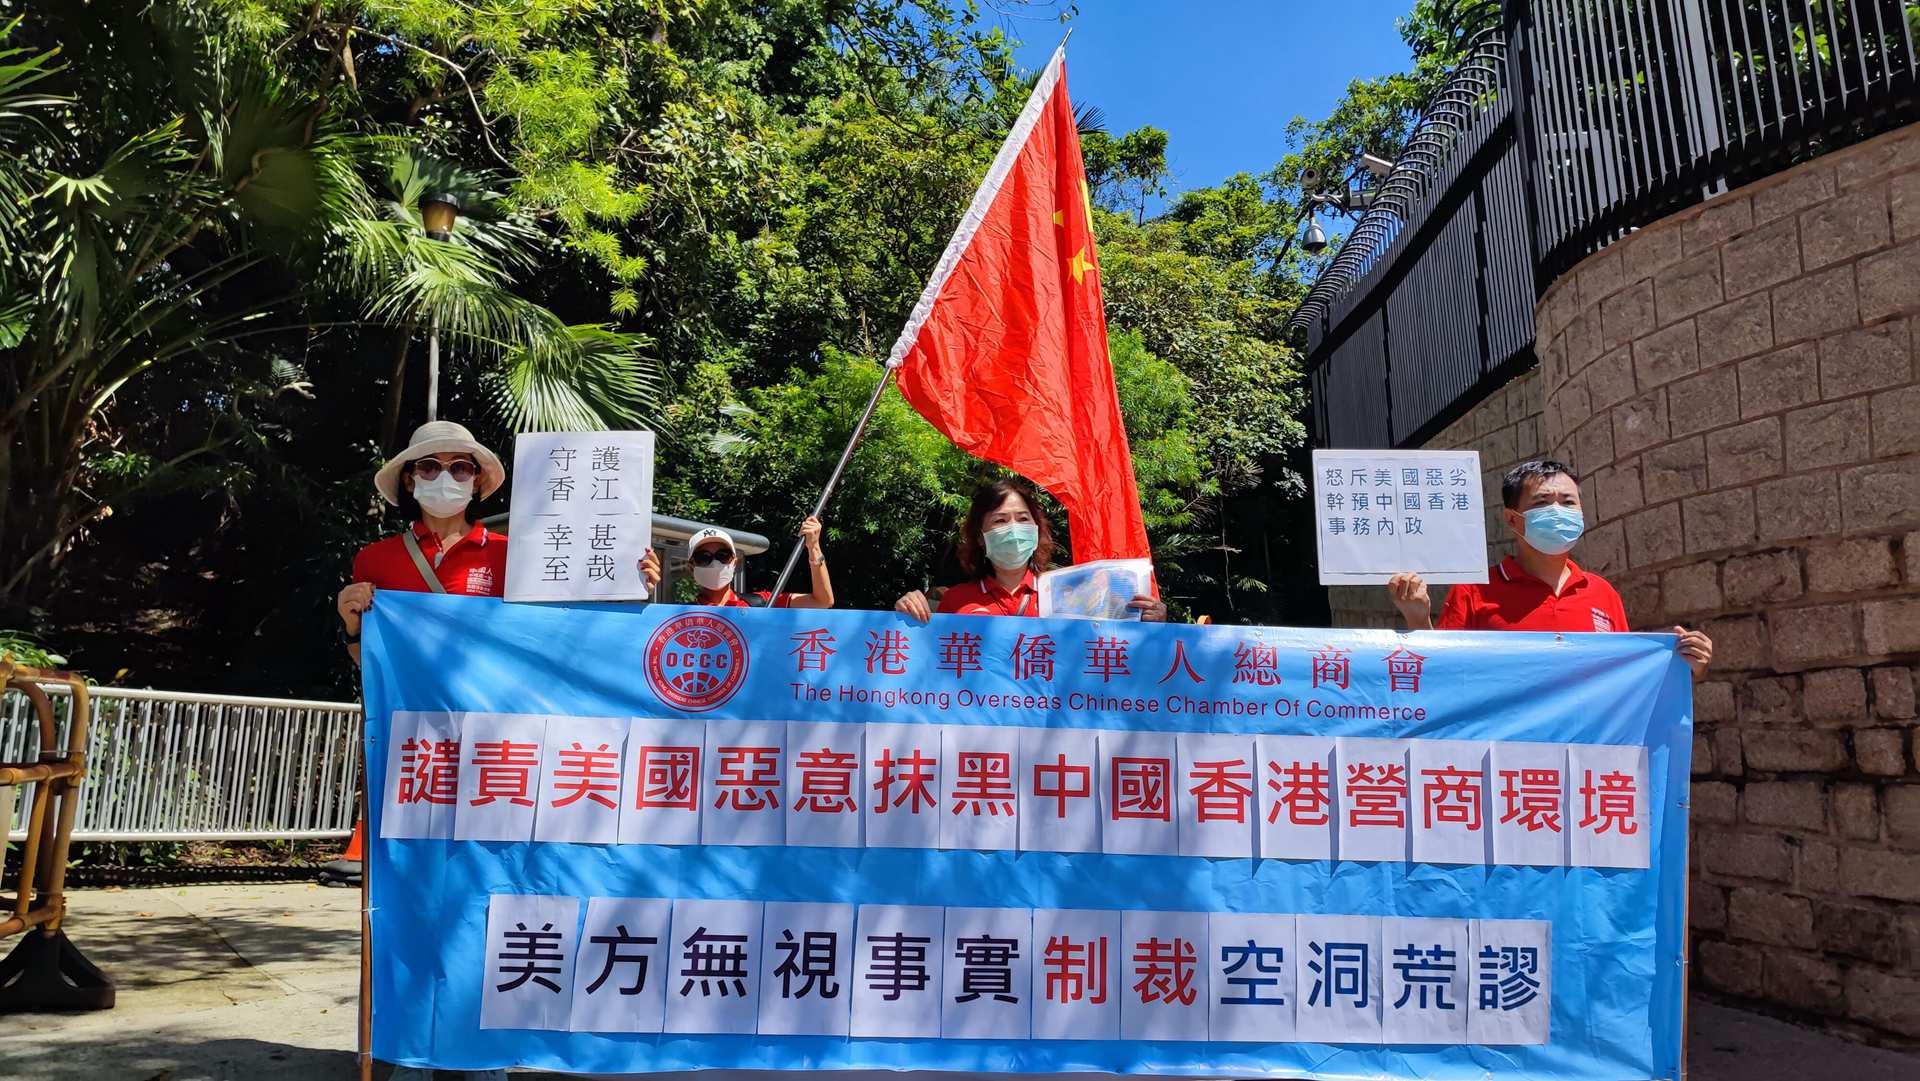 香港華僑華人總商會強烈譴責美國無理制裁,抹黑香港營商環境,粗暴干預香港事務和中國內政